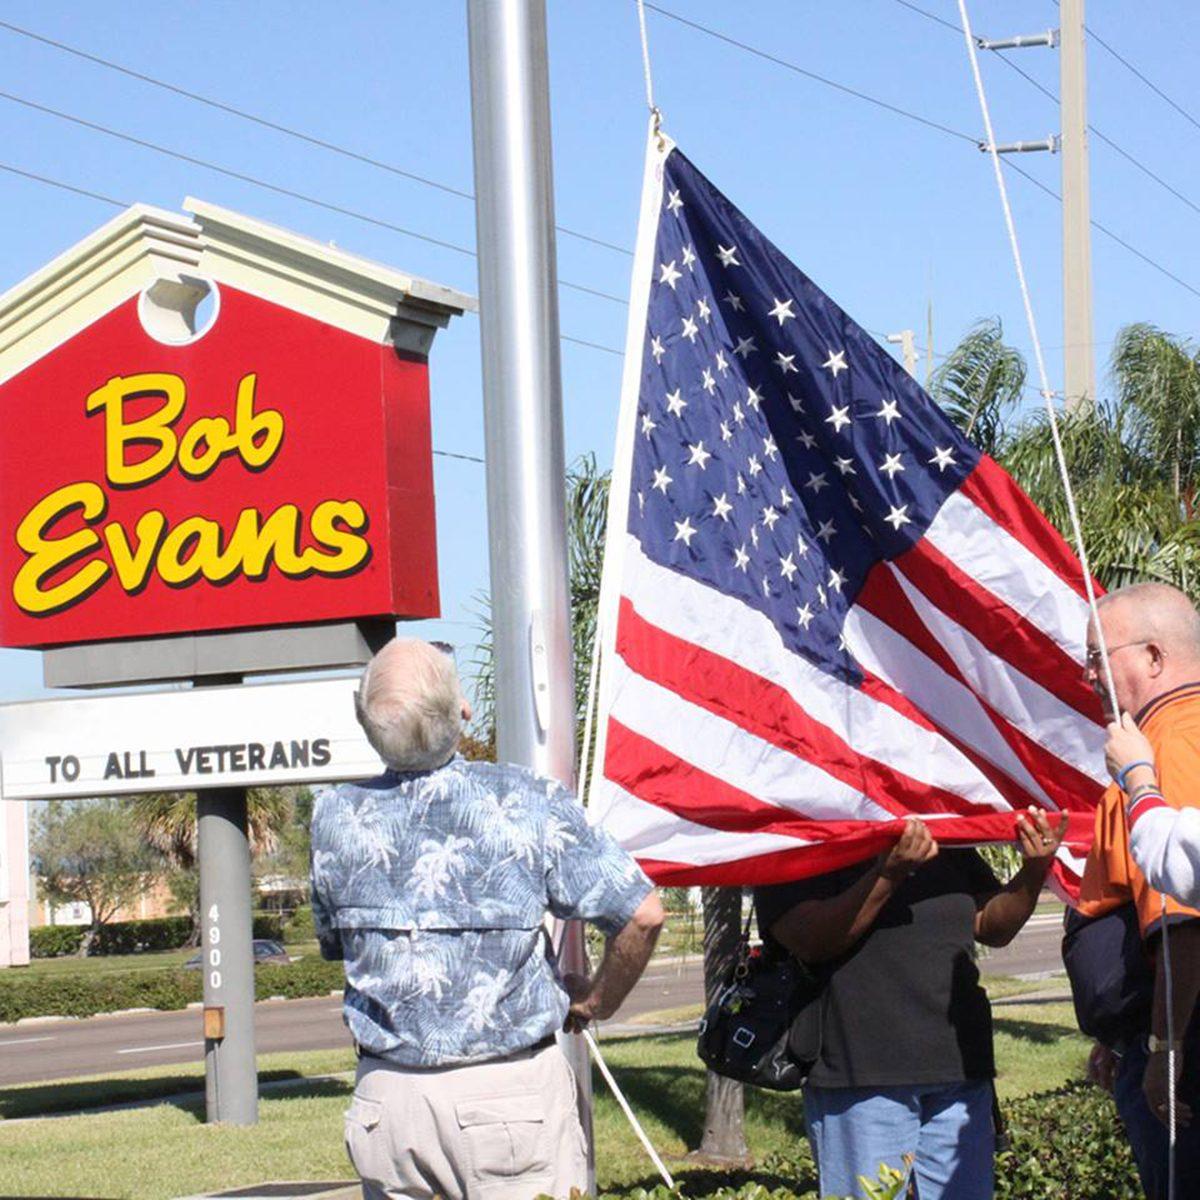 Veteran's and Bob Evan's